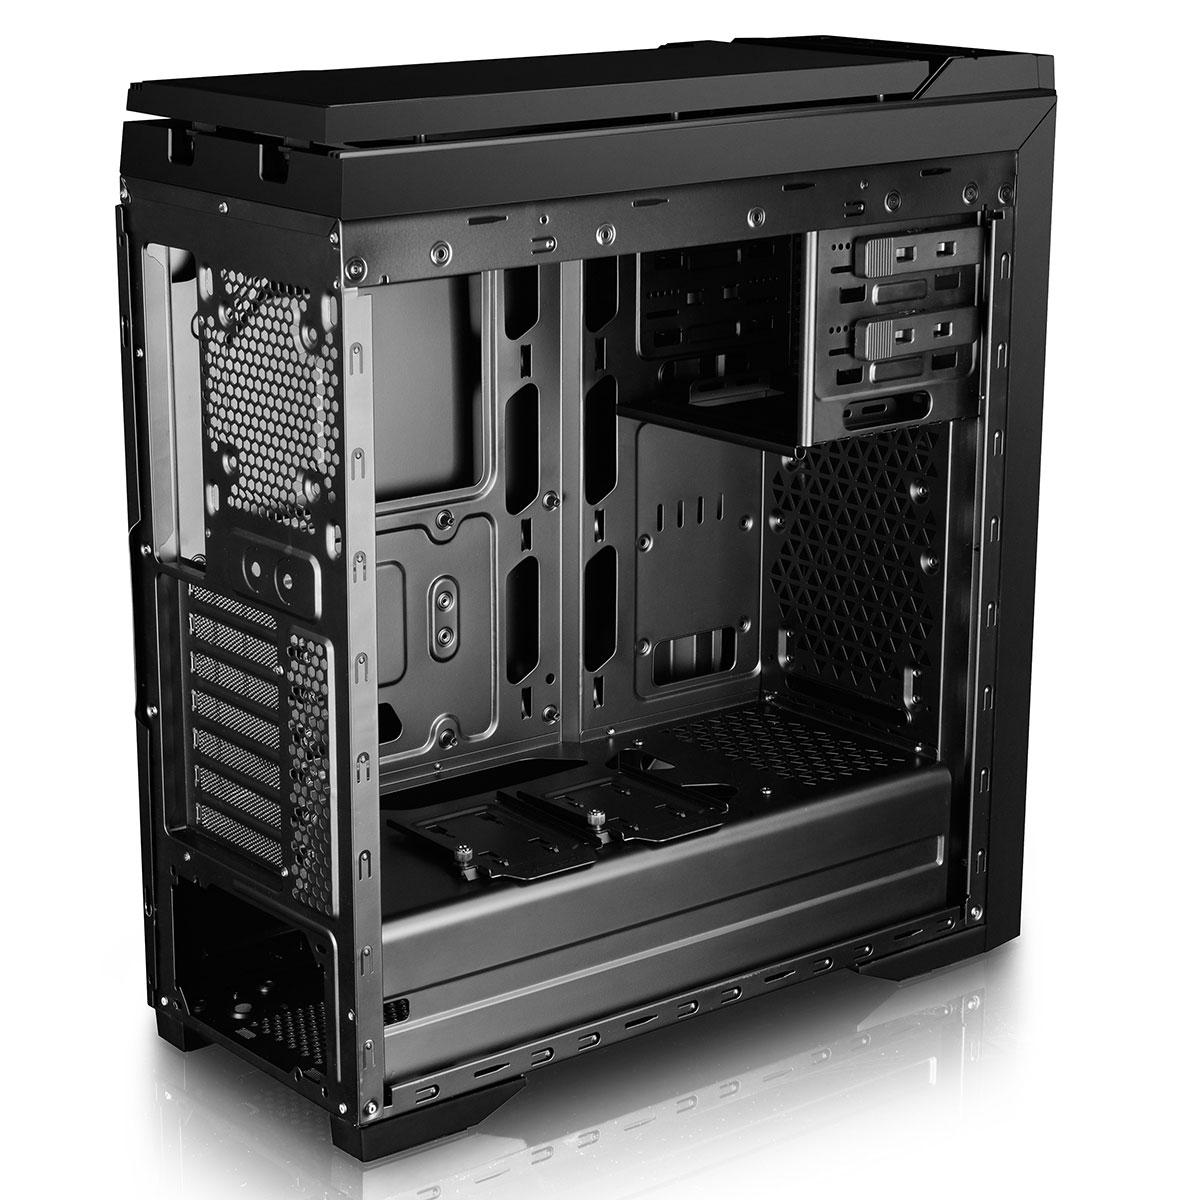 Deepcool DUKASE V2 Noir - mt/Ss Alim/ATX (DUKASE BKV2) - Achat / Vente Boîtier PC sur Cybertek.fr - 3